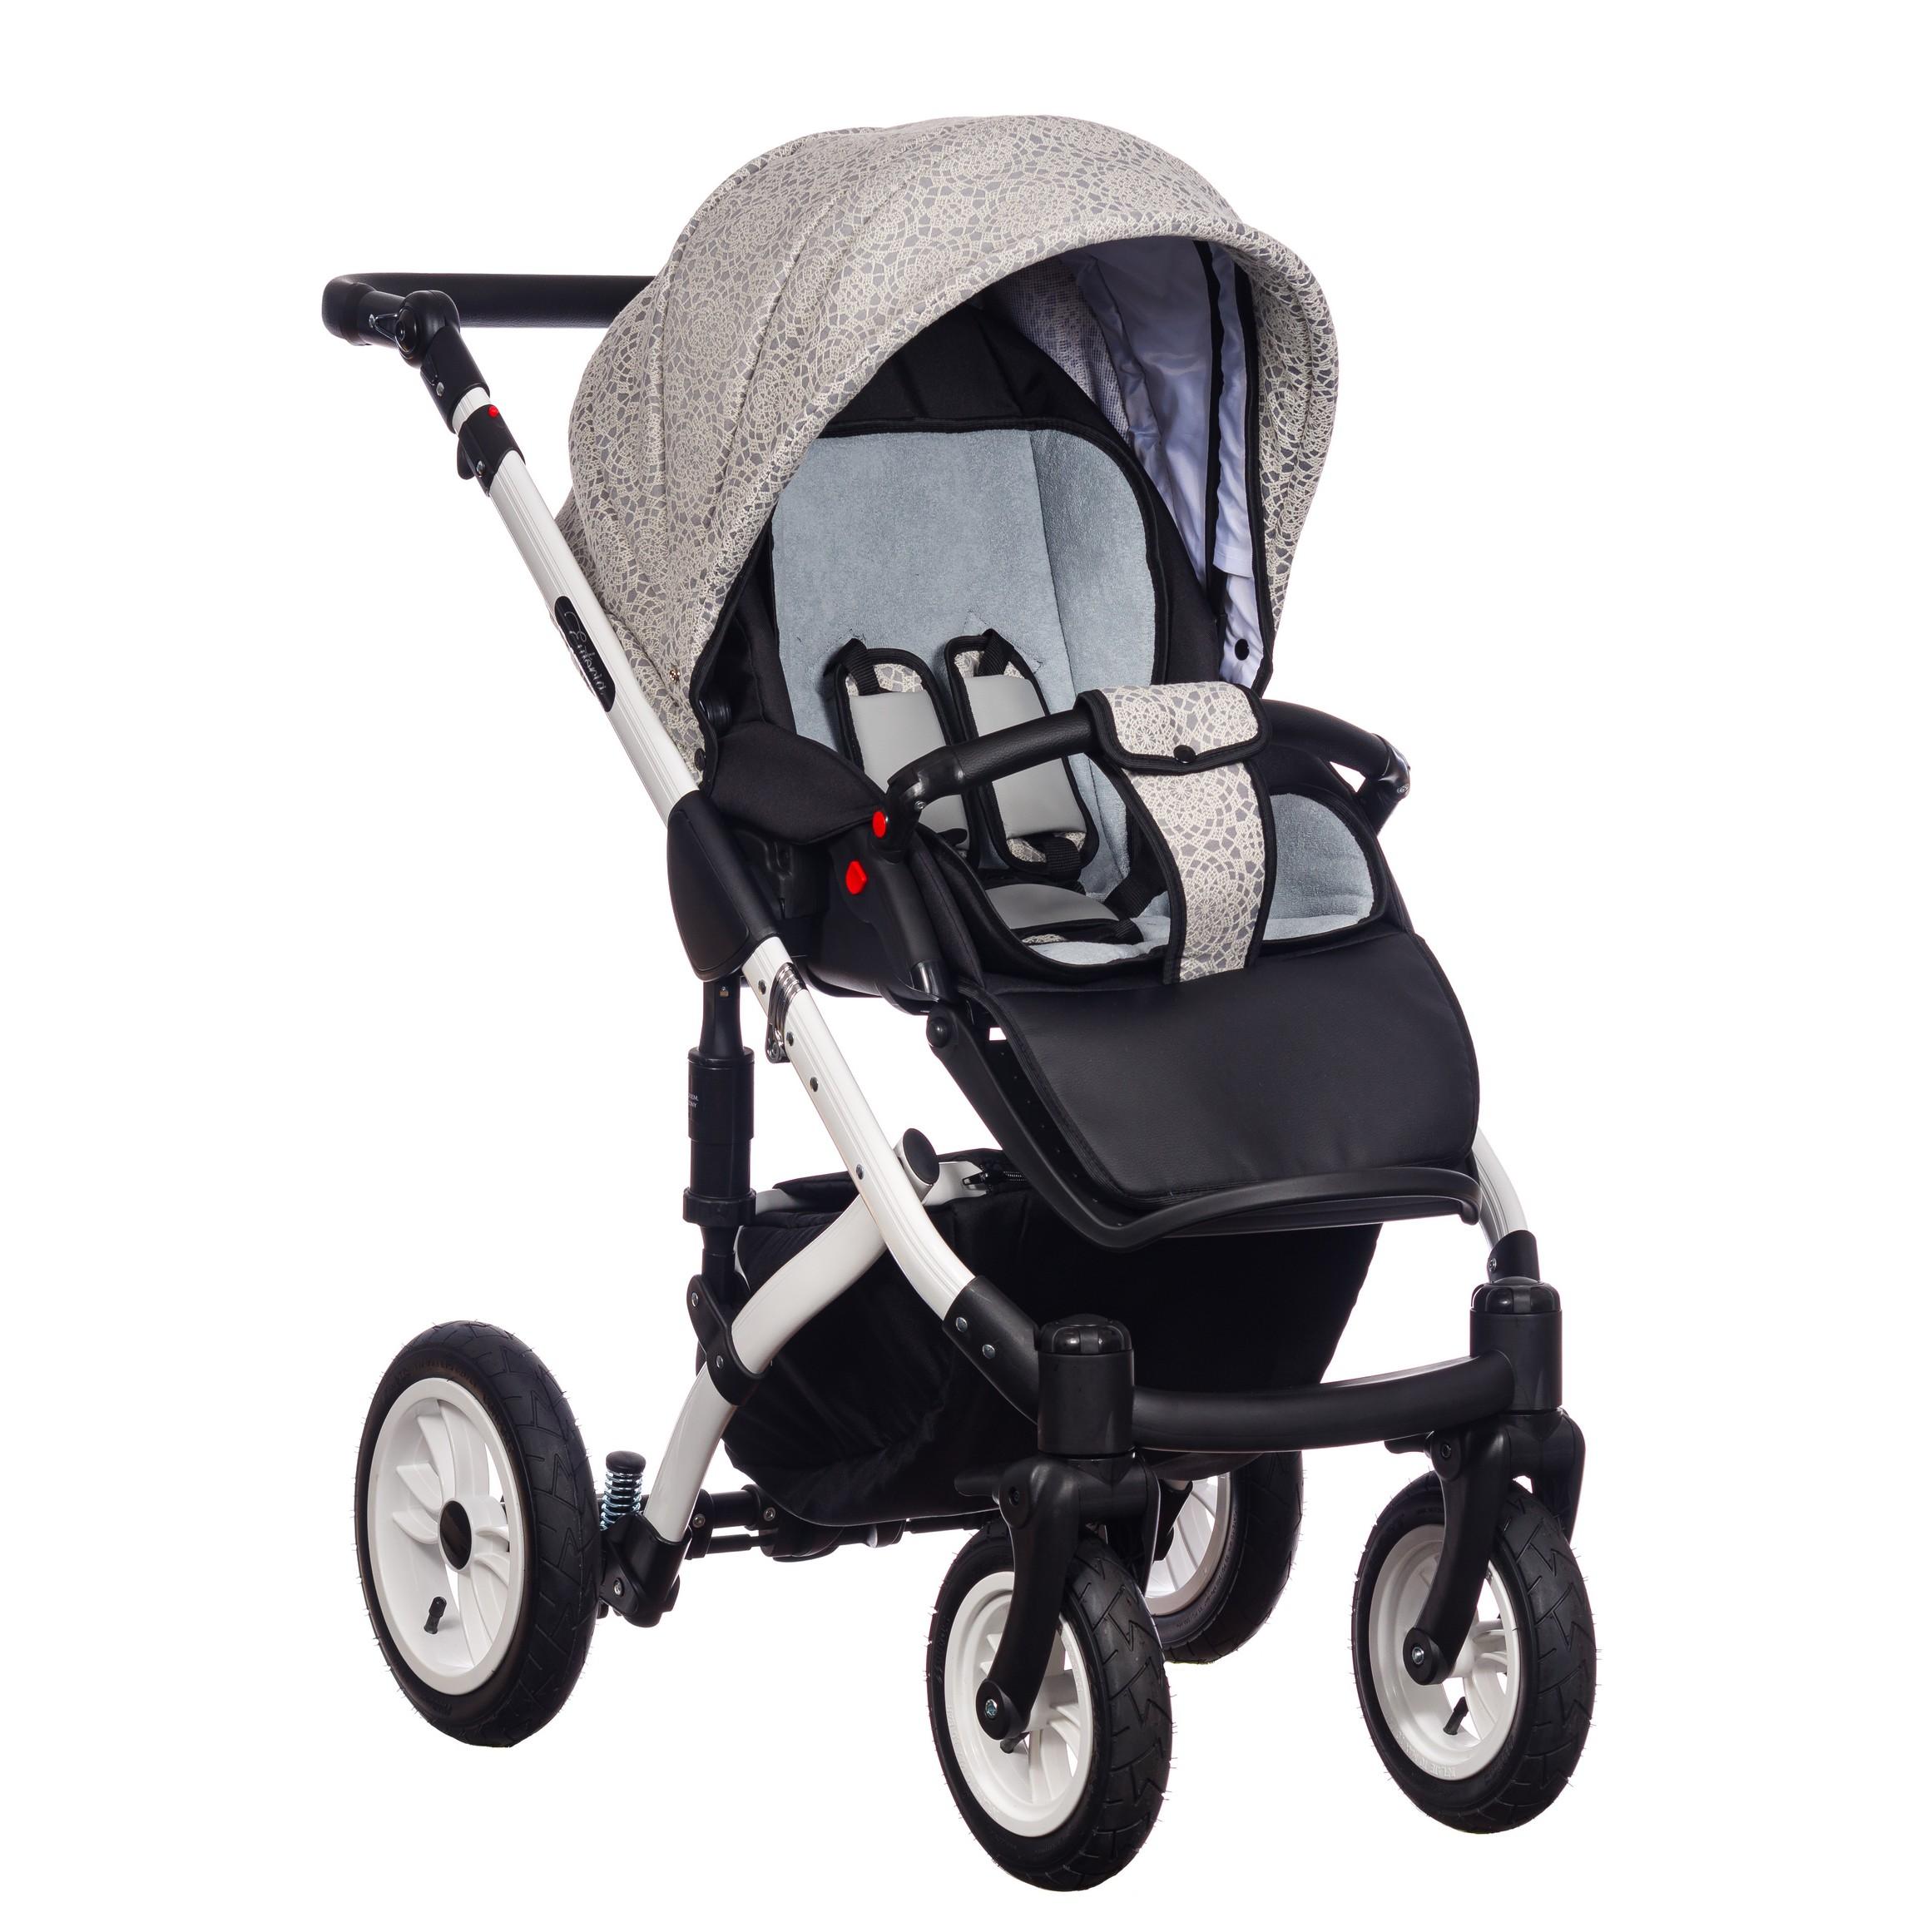 wózek dziecięcy Euforia Paradise Baby wielofunkcyjny spacerowy Dadi Shop